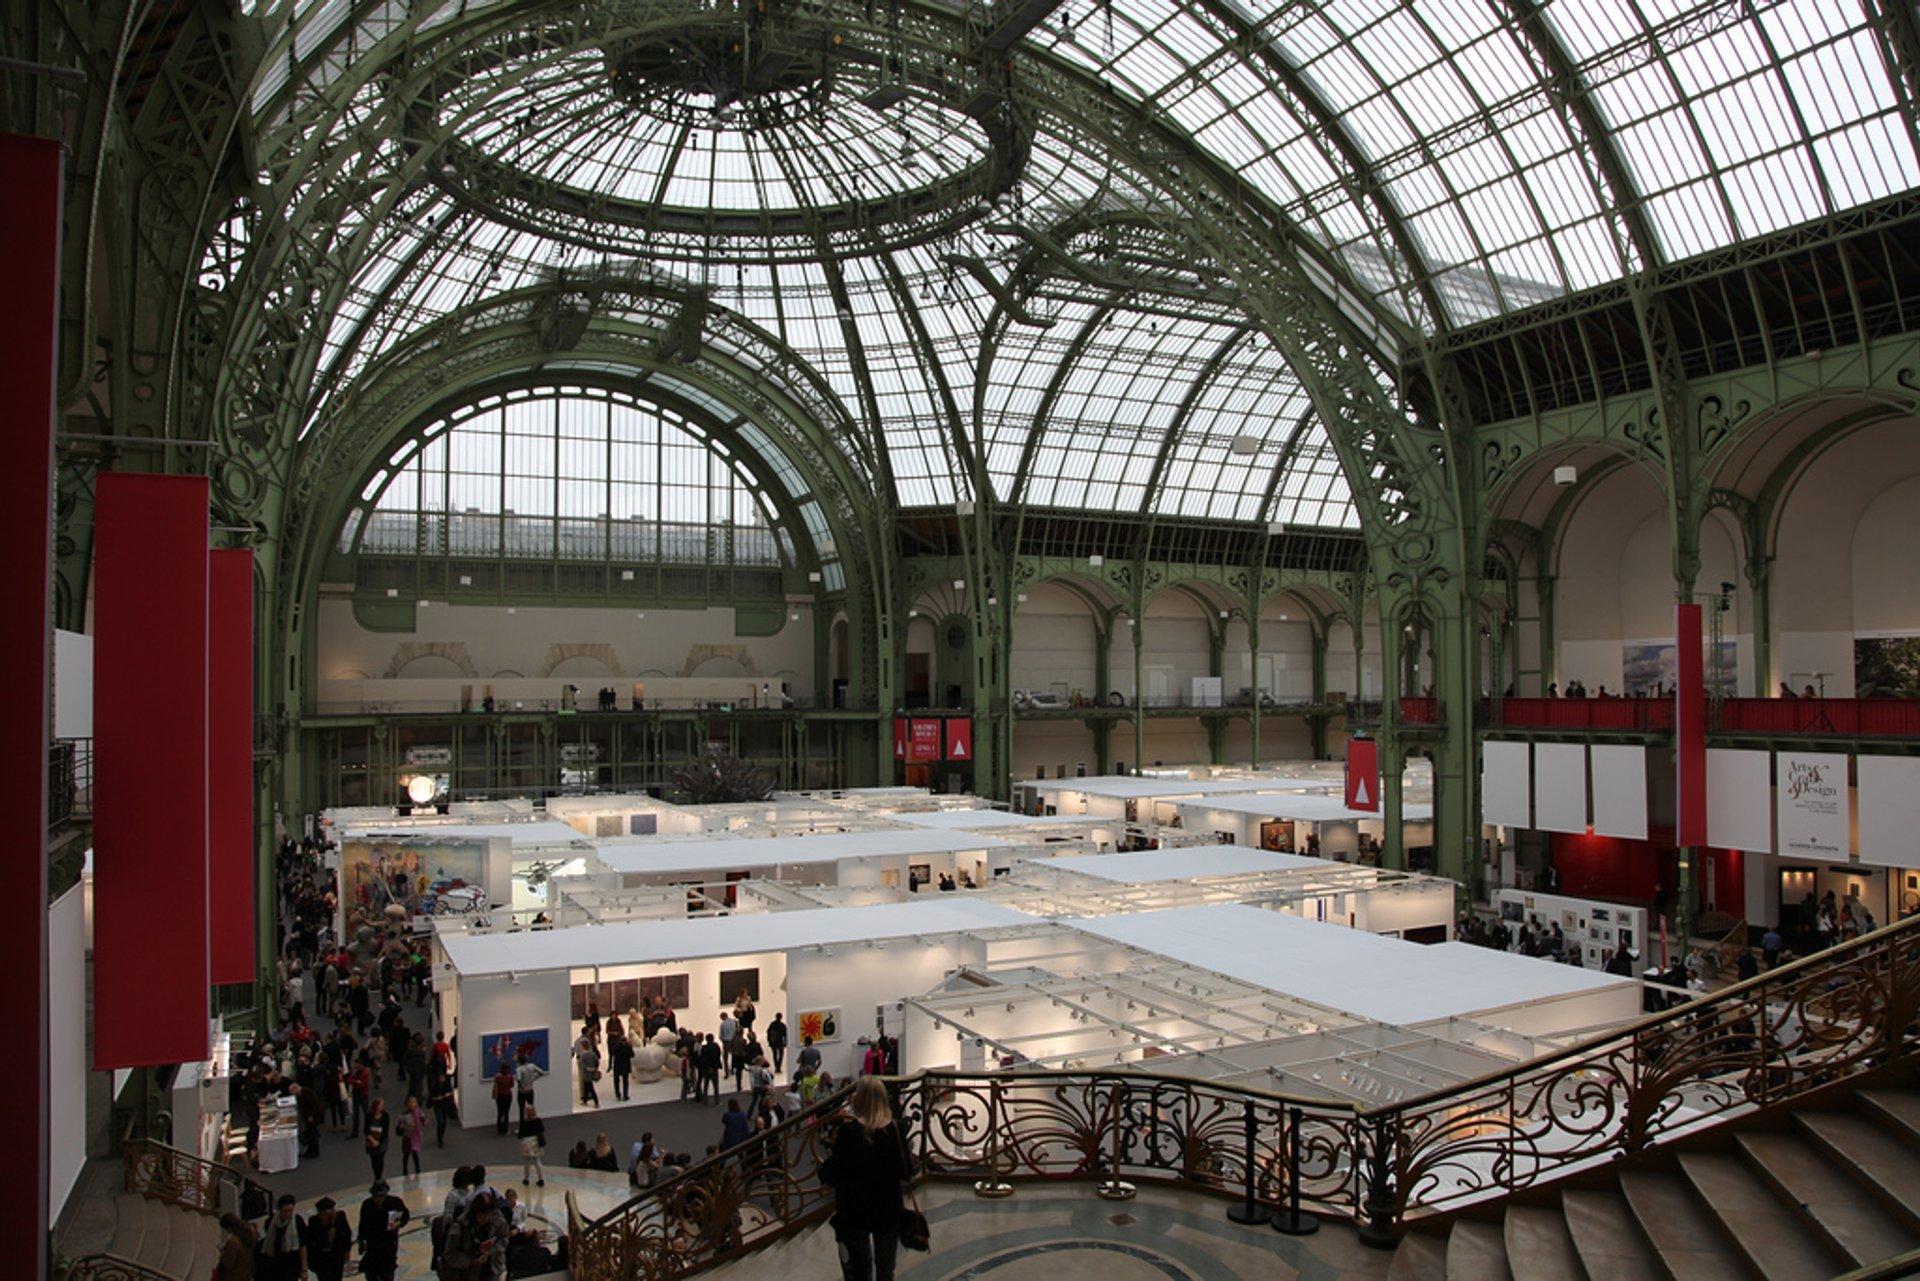 Foire Internationale d'Art Contemporain (FIAC) in Paris 2019 - Best Time